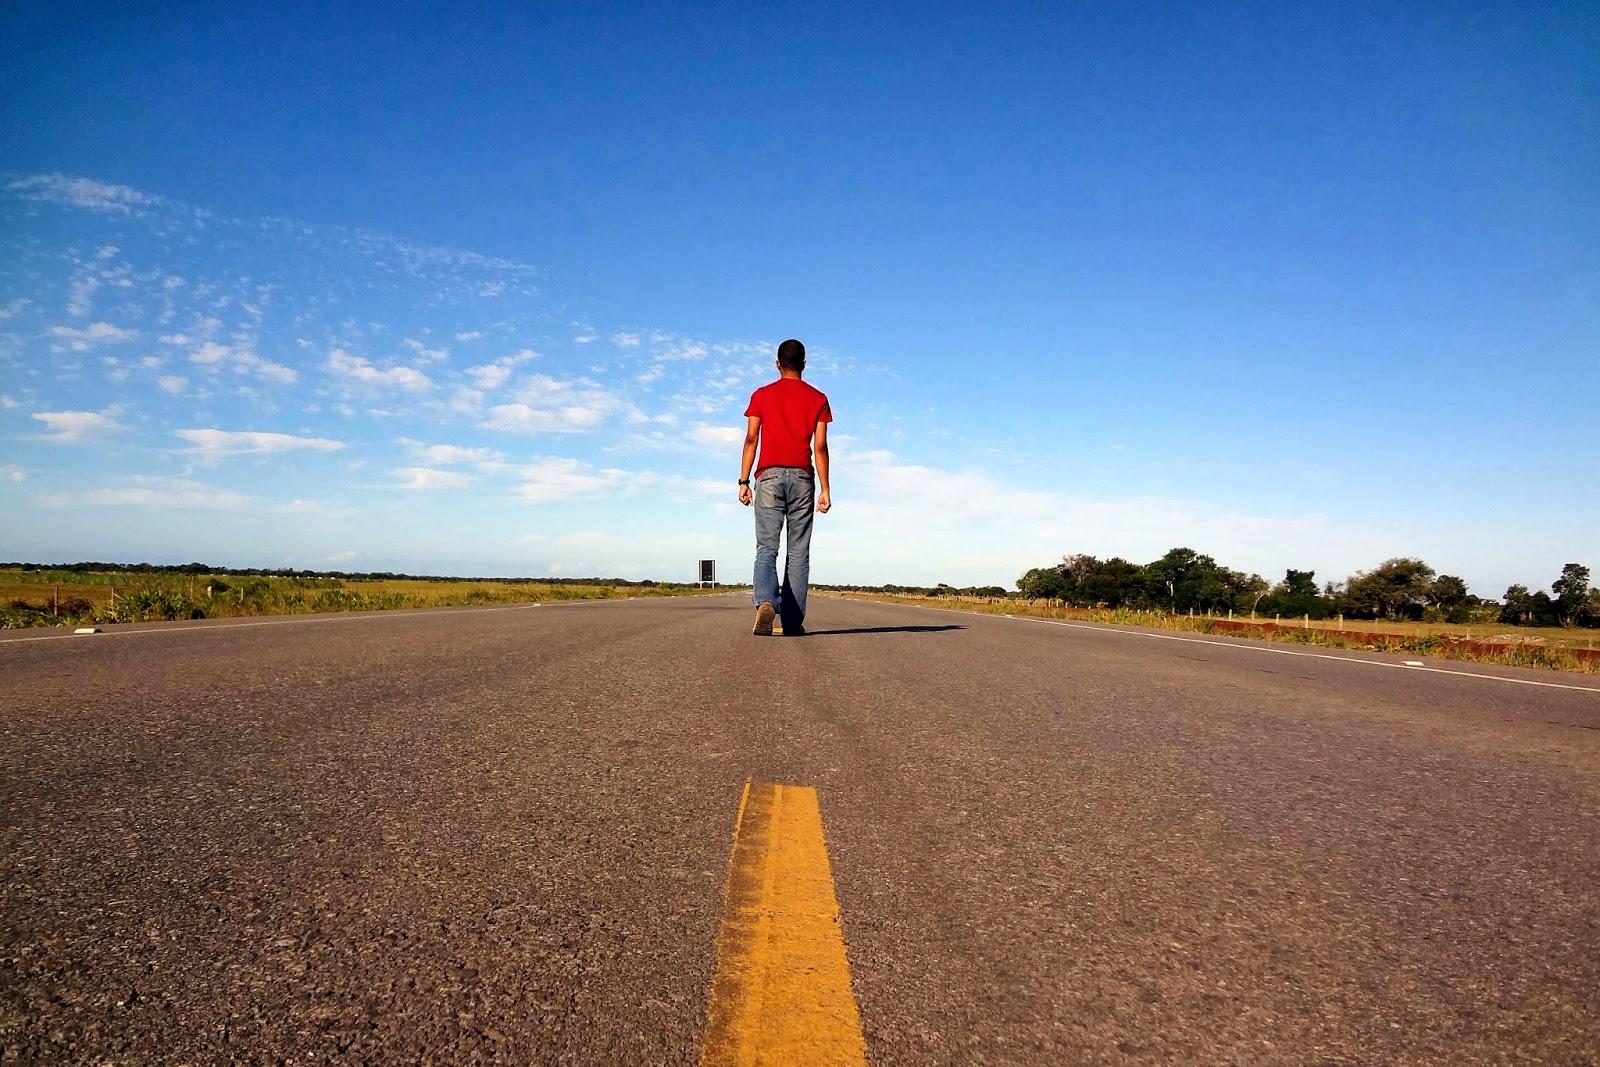 Телка путешествует автостопом фото 16 фотография